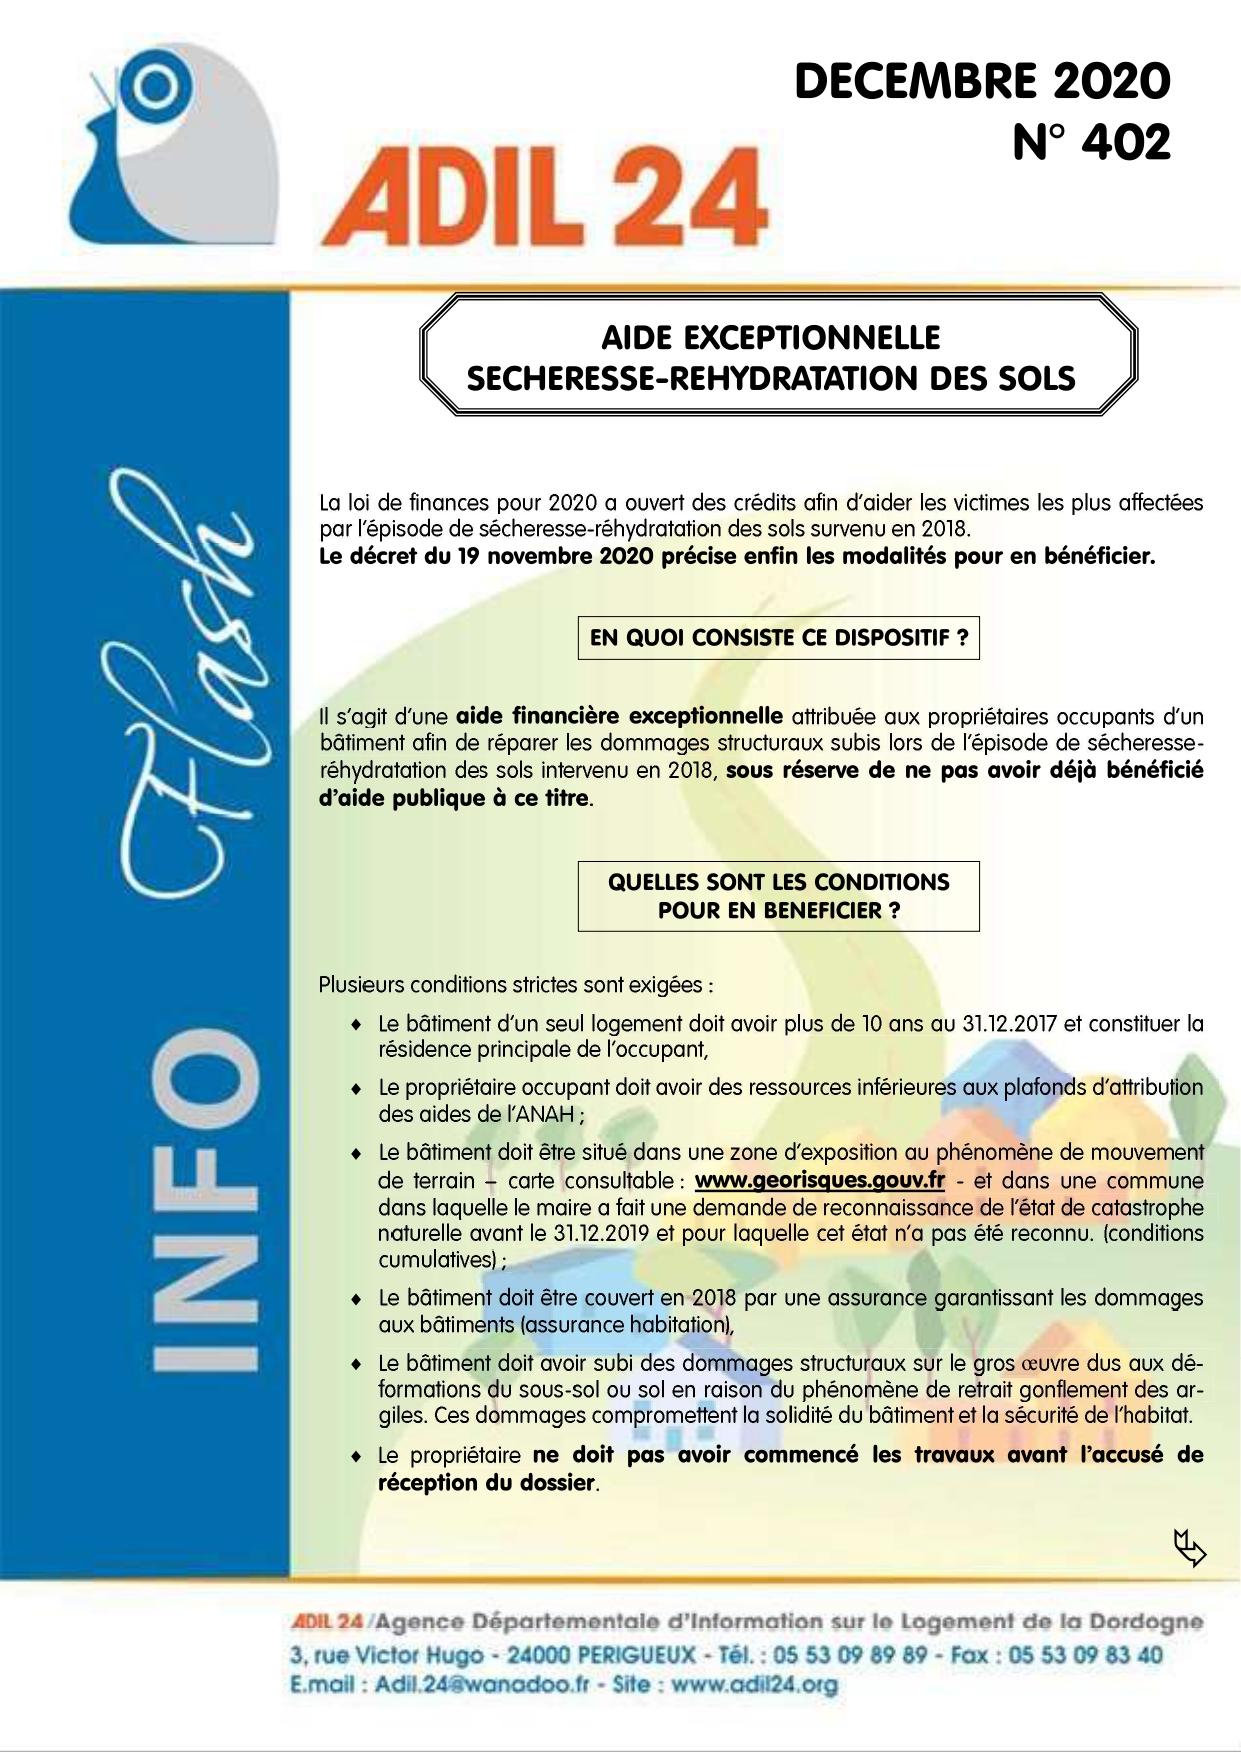 ADIL info flash dec 2020 Aide exceptionnelle sechersse rehydration des sols_page-0001.jpg